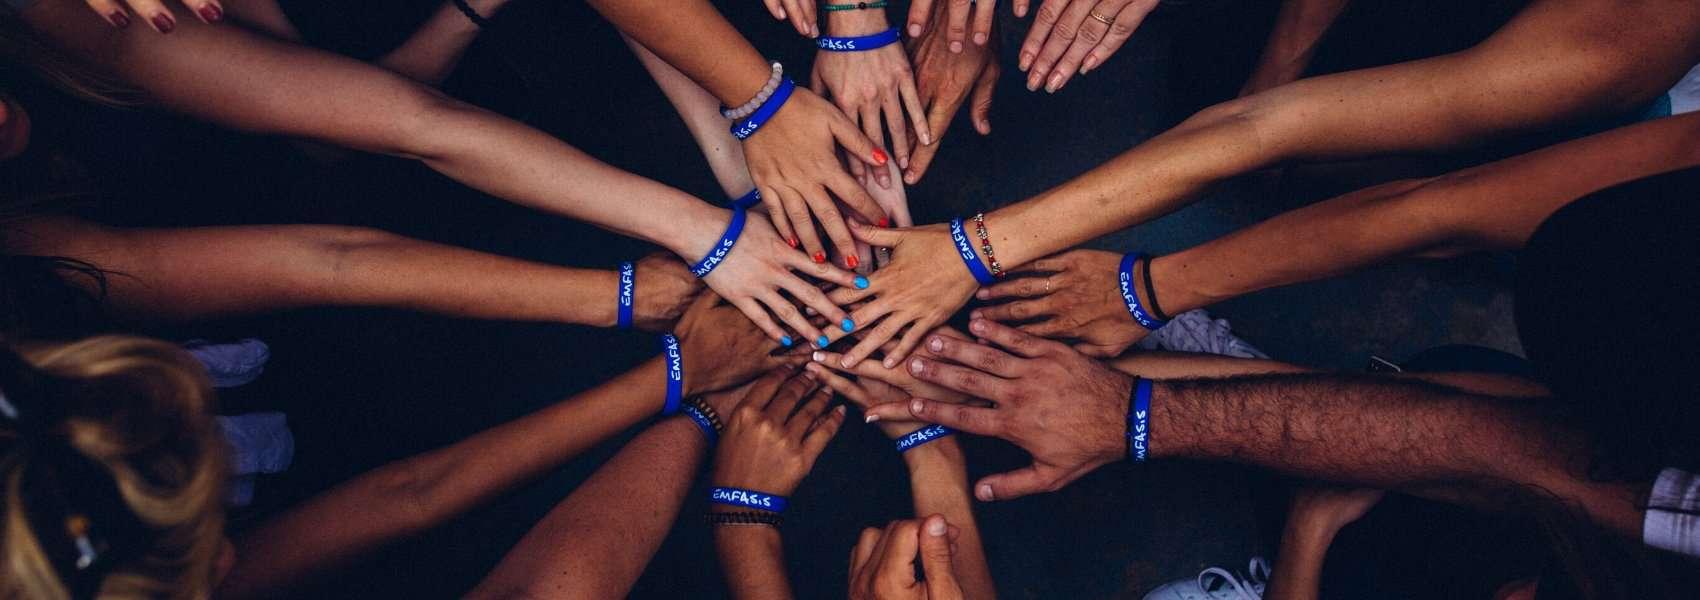 5 fellesskapende aktiviteter for idrettslag